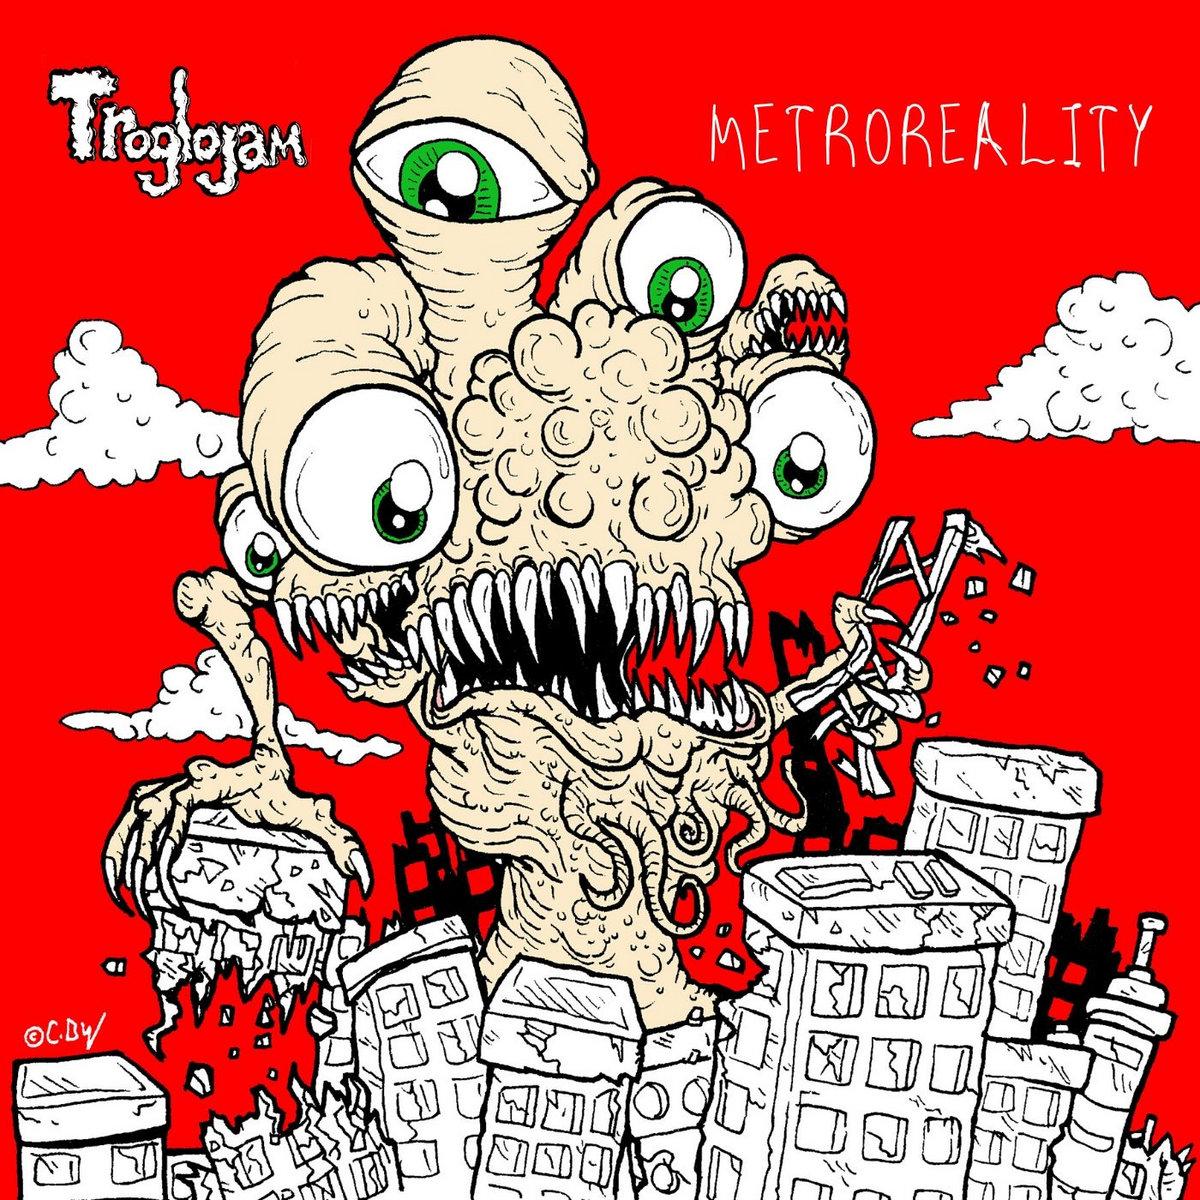 Metroreality by Troglojam